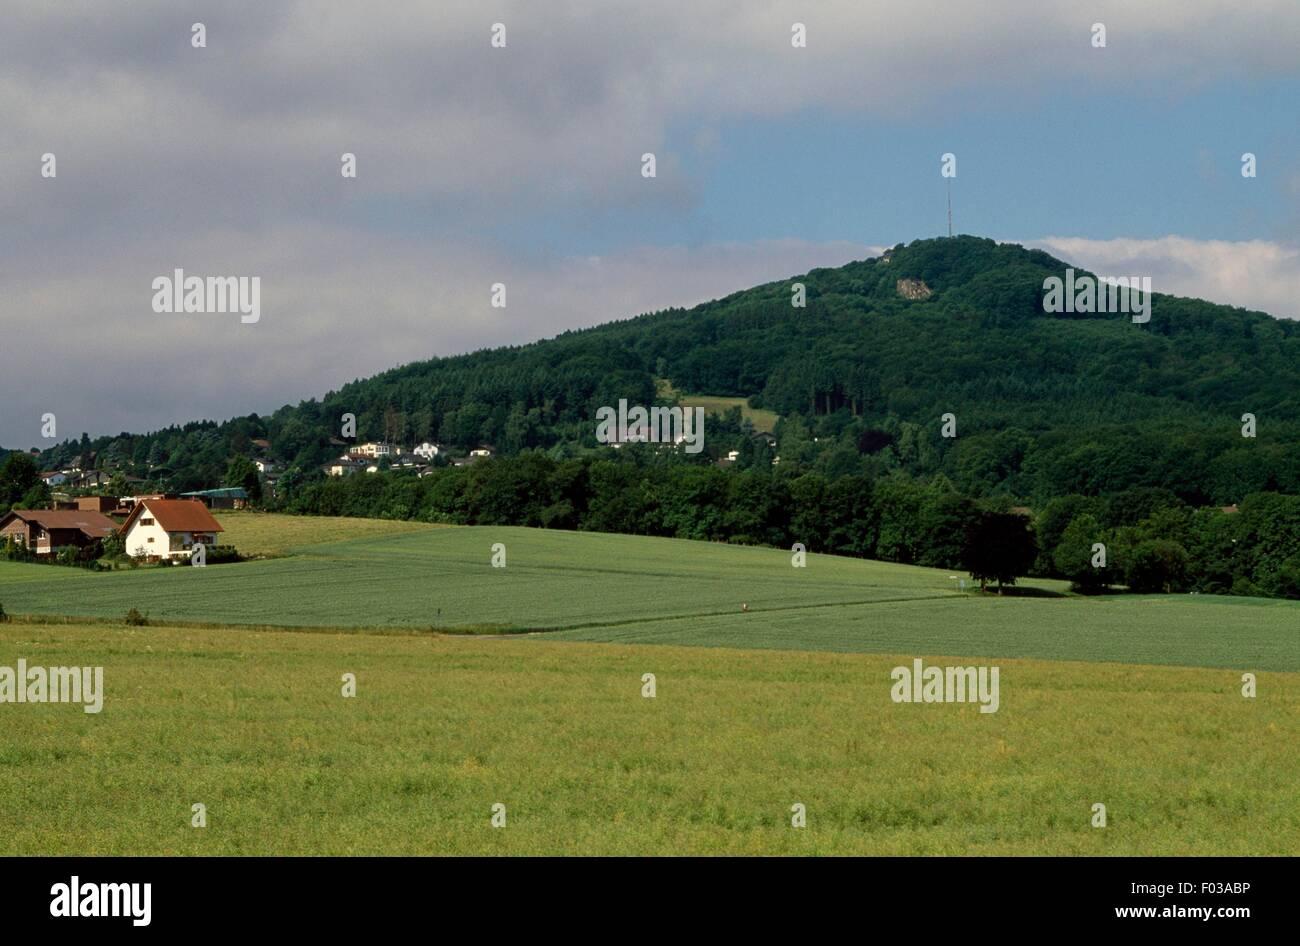 Paysage dans le Parc Naturel de Siebengebirge (Naturpark Siebengebirge), Rhénanie du Nord-Westphalie, Allemagne. Banque D'Images